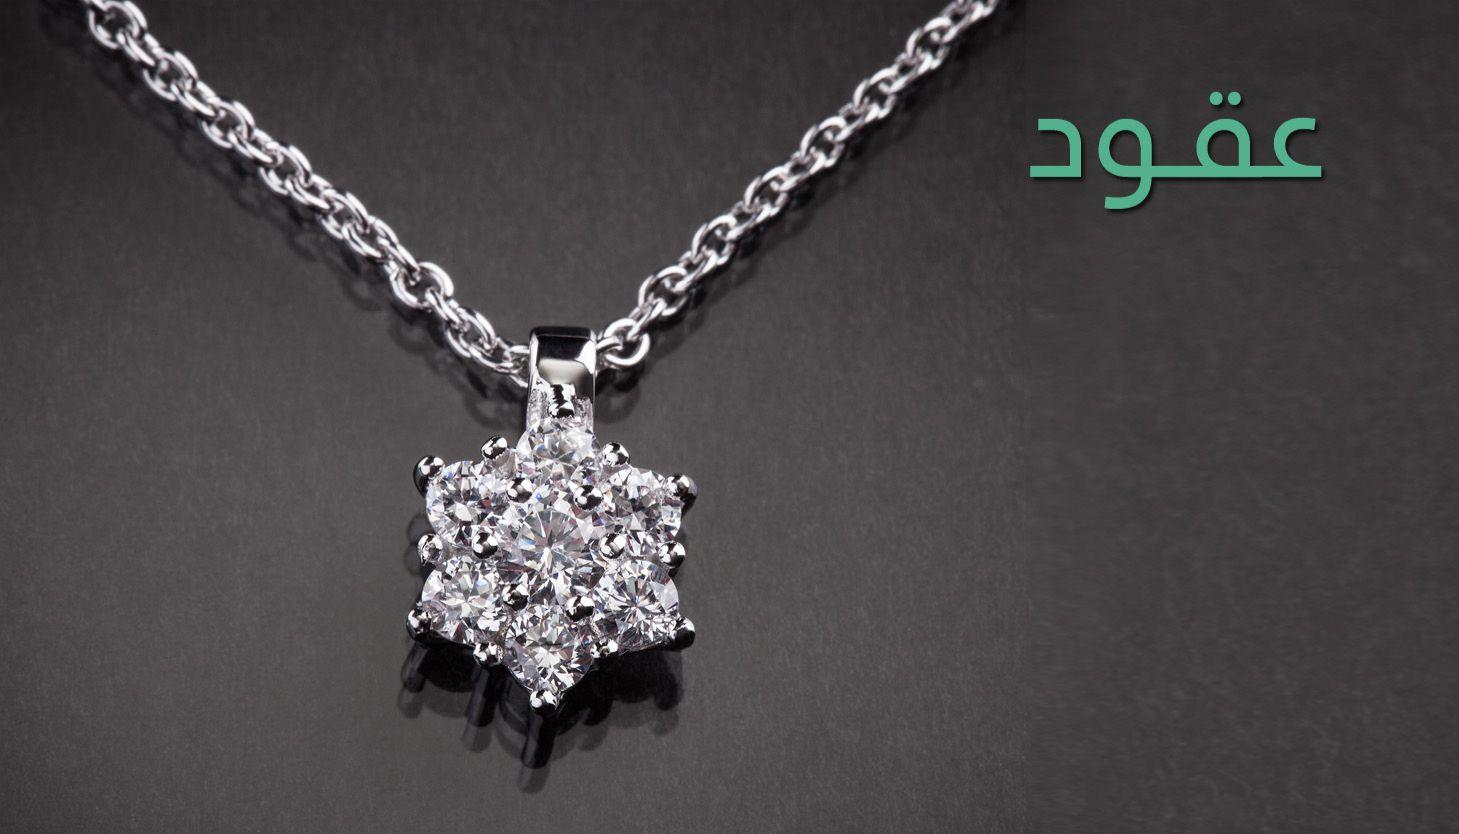 بيت الامراء للساعات والمجوهرات Diamond Necklace Diamond Jewelry